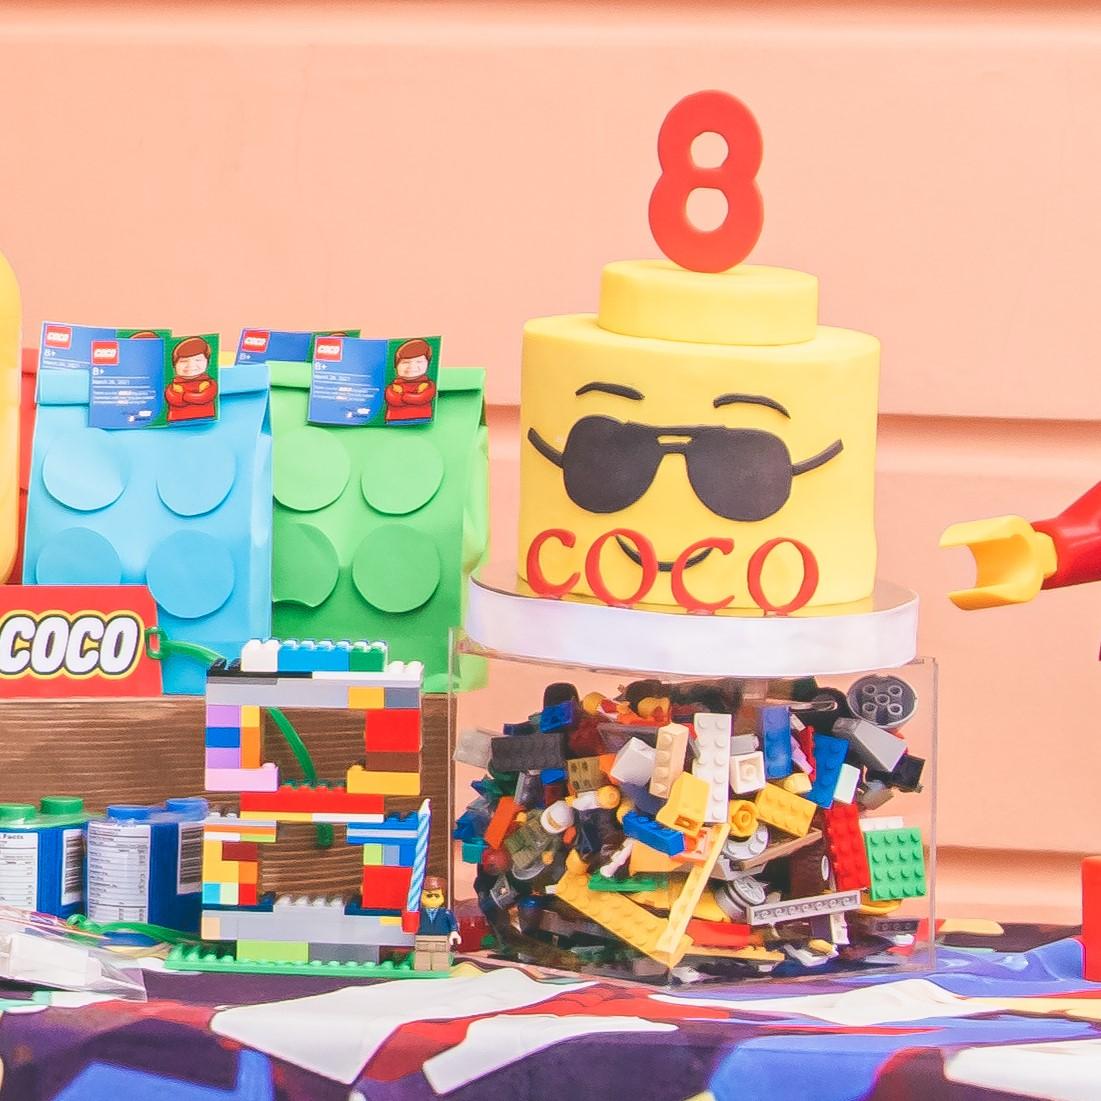 Coco8th7